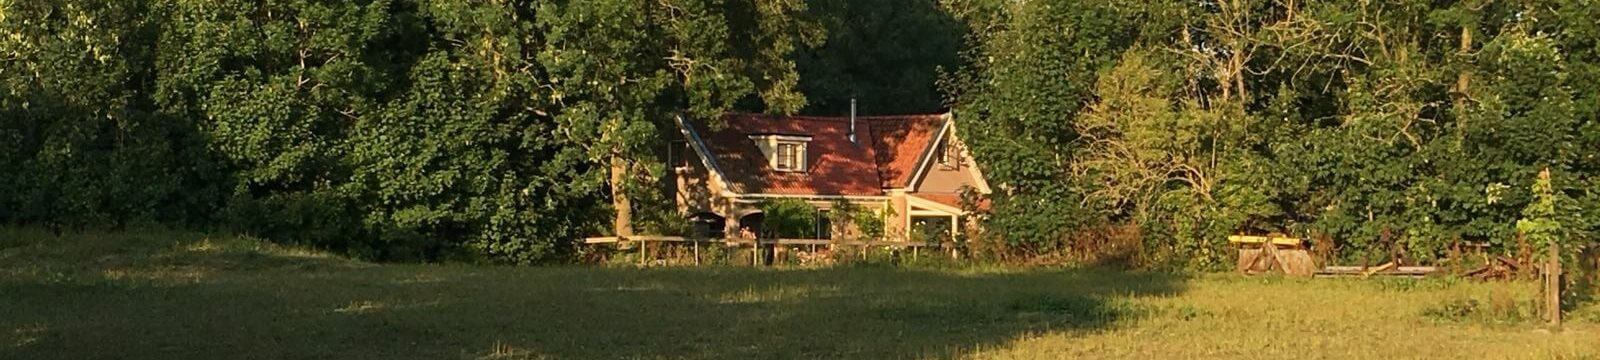 Aankoop Skingen Friesland Mijn Buitenplaats Makelaardij